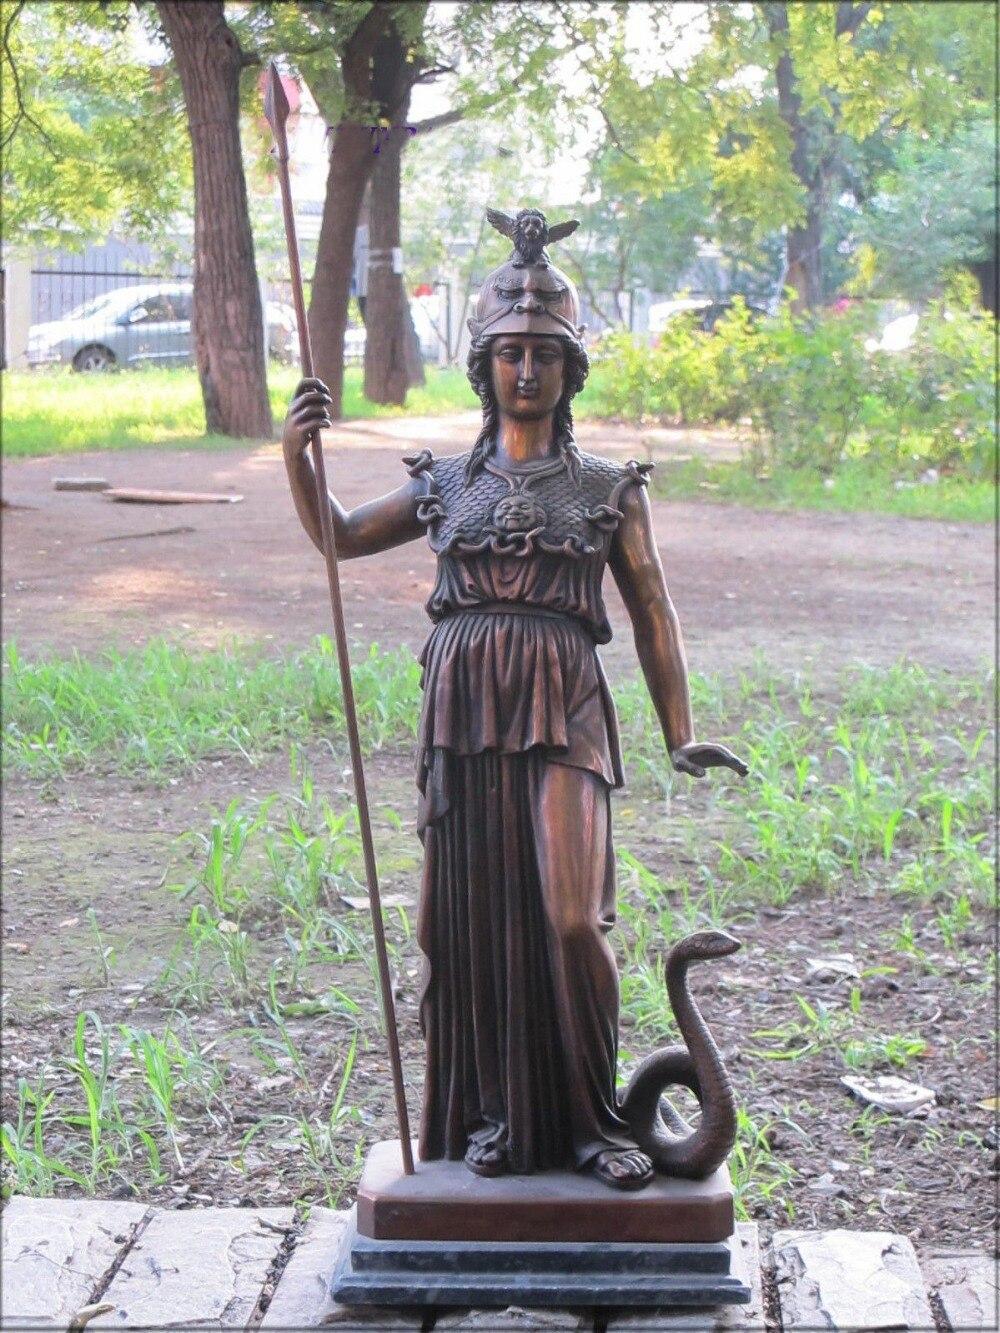 """28 """"الأسطورة اليونانية البرونزي الفن تمثال المحارب الملكة الحرب إلهة أثينا الأسد و ثعبان-في تماثيل ومنحوتات من المنزل والحديقة على title="""